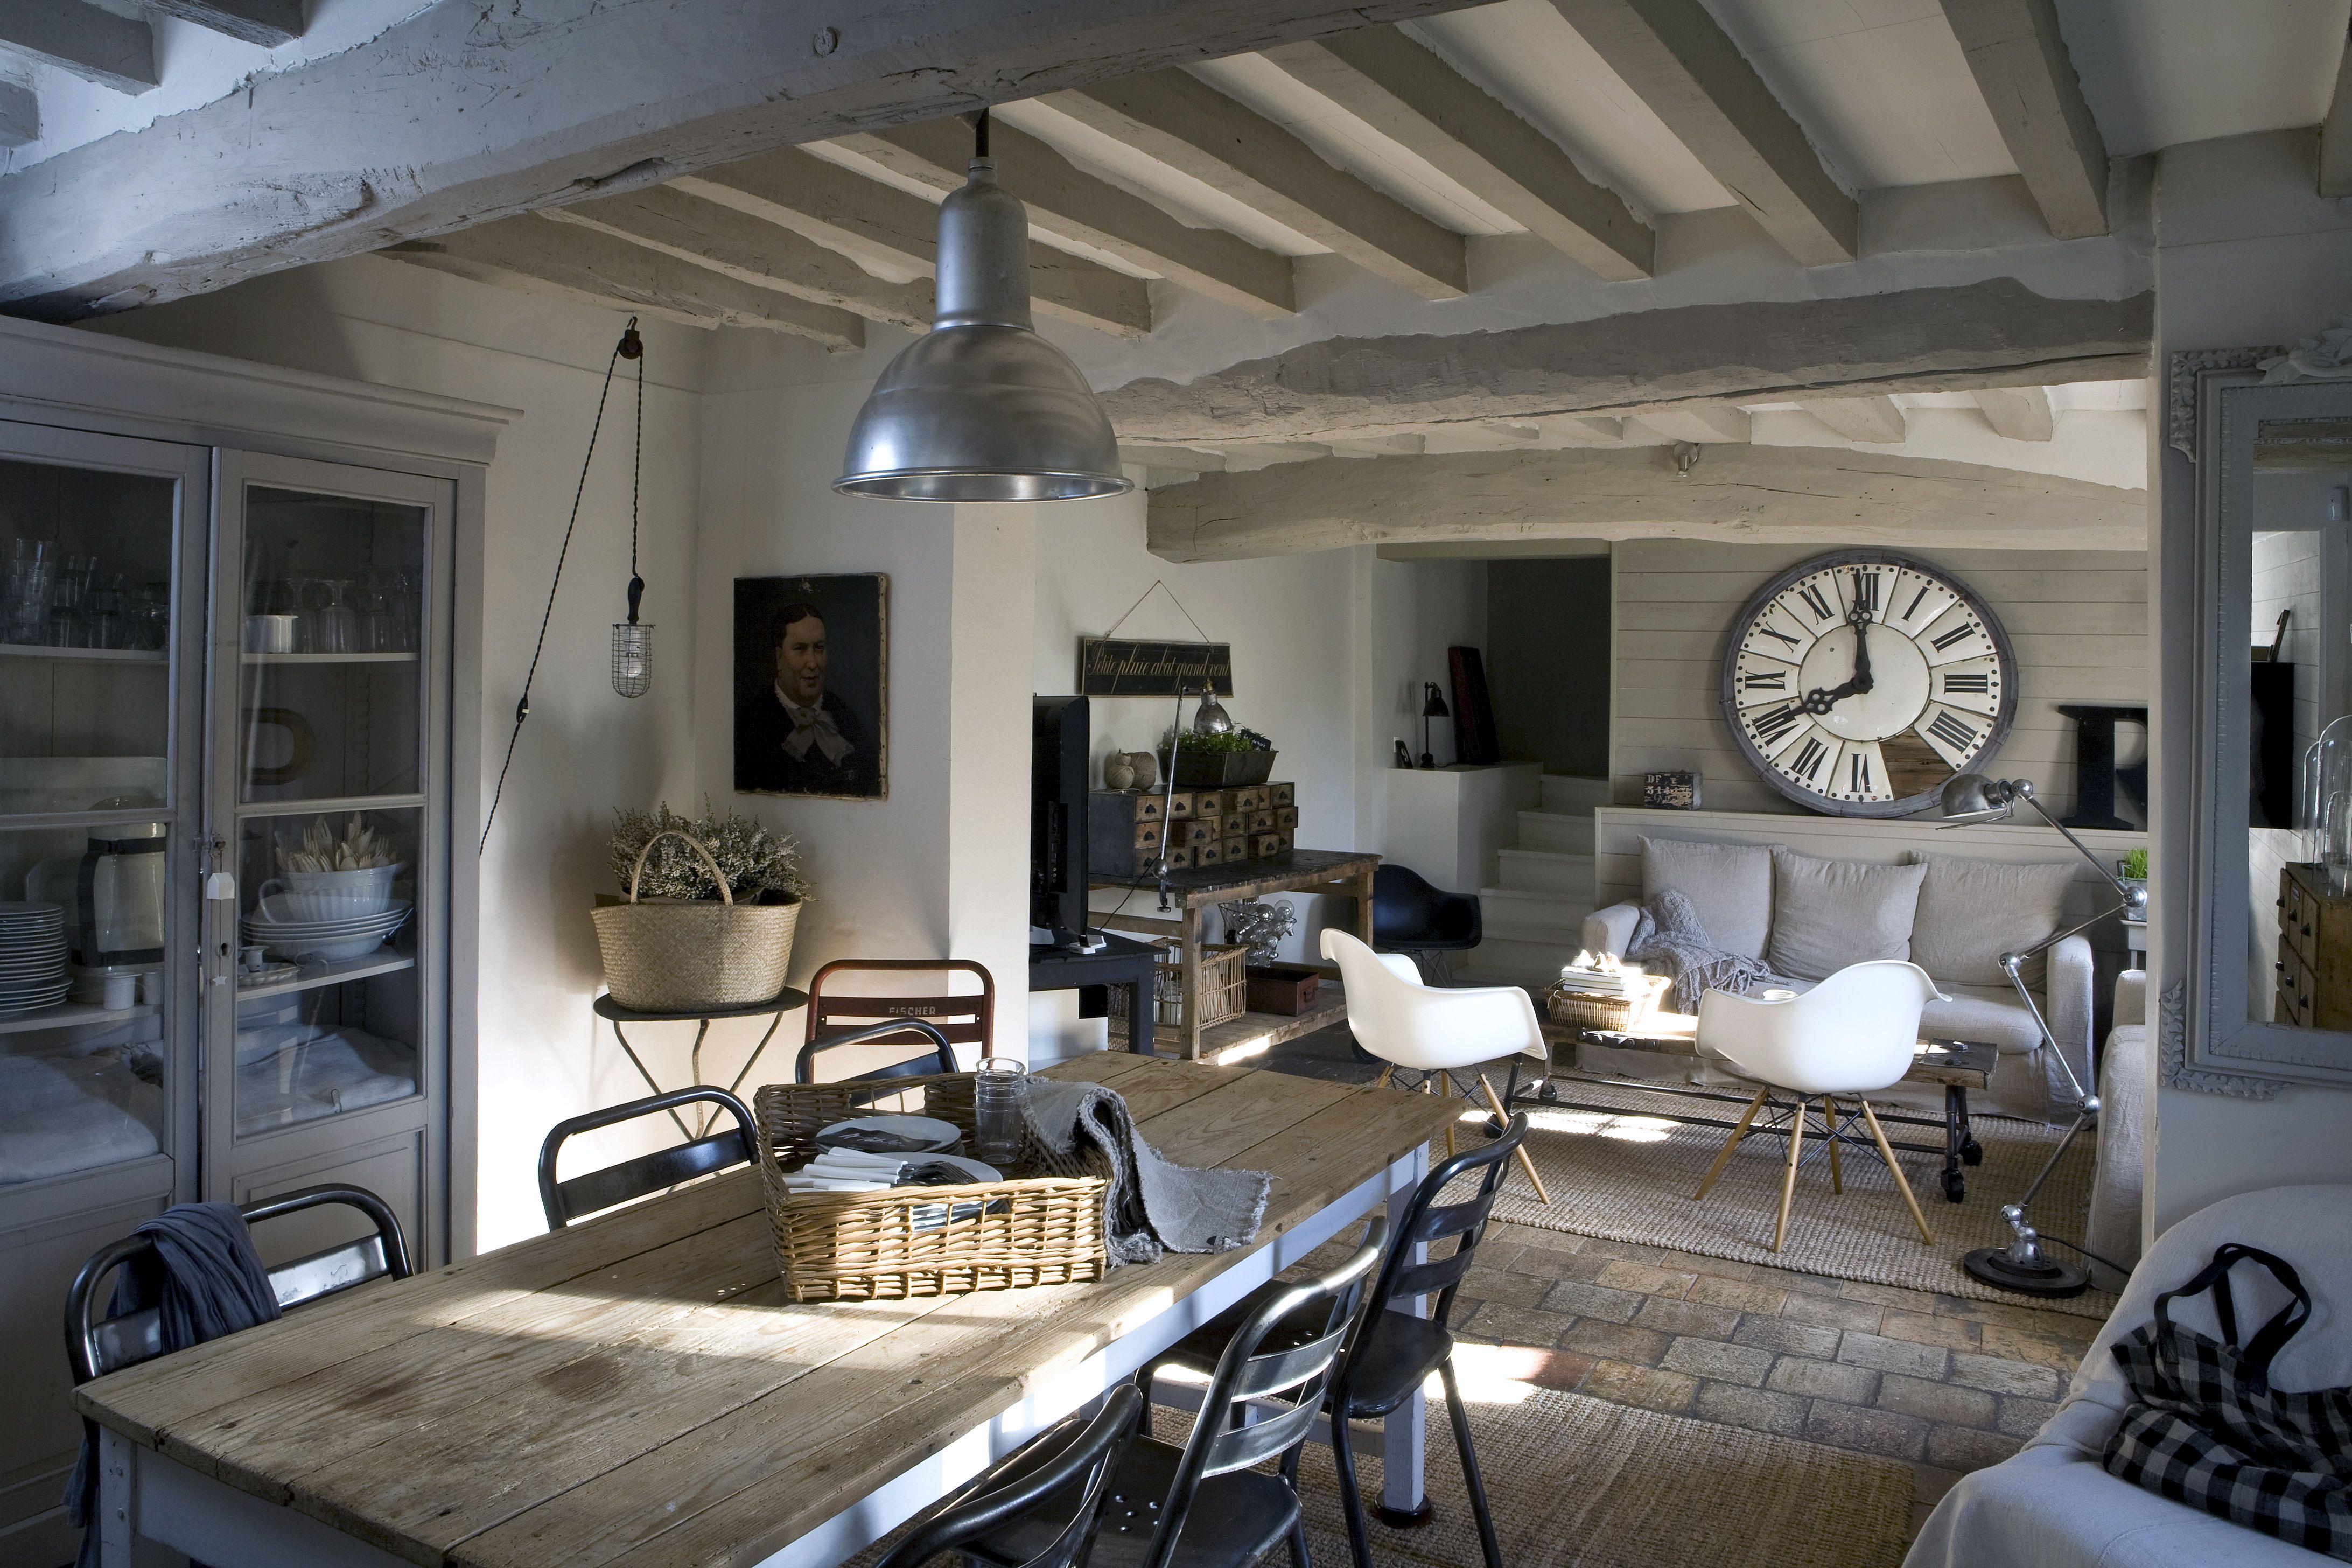 Comment allier la couleur de la maison avec les mobiliers?